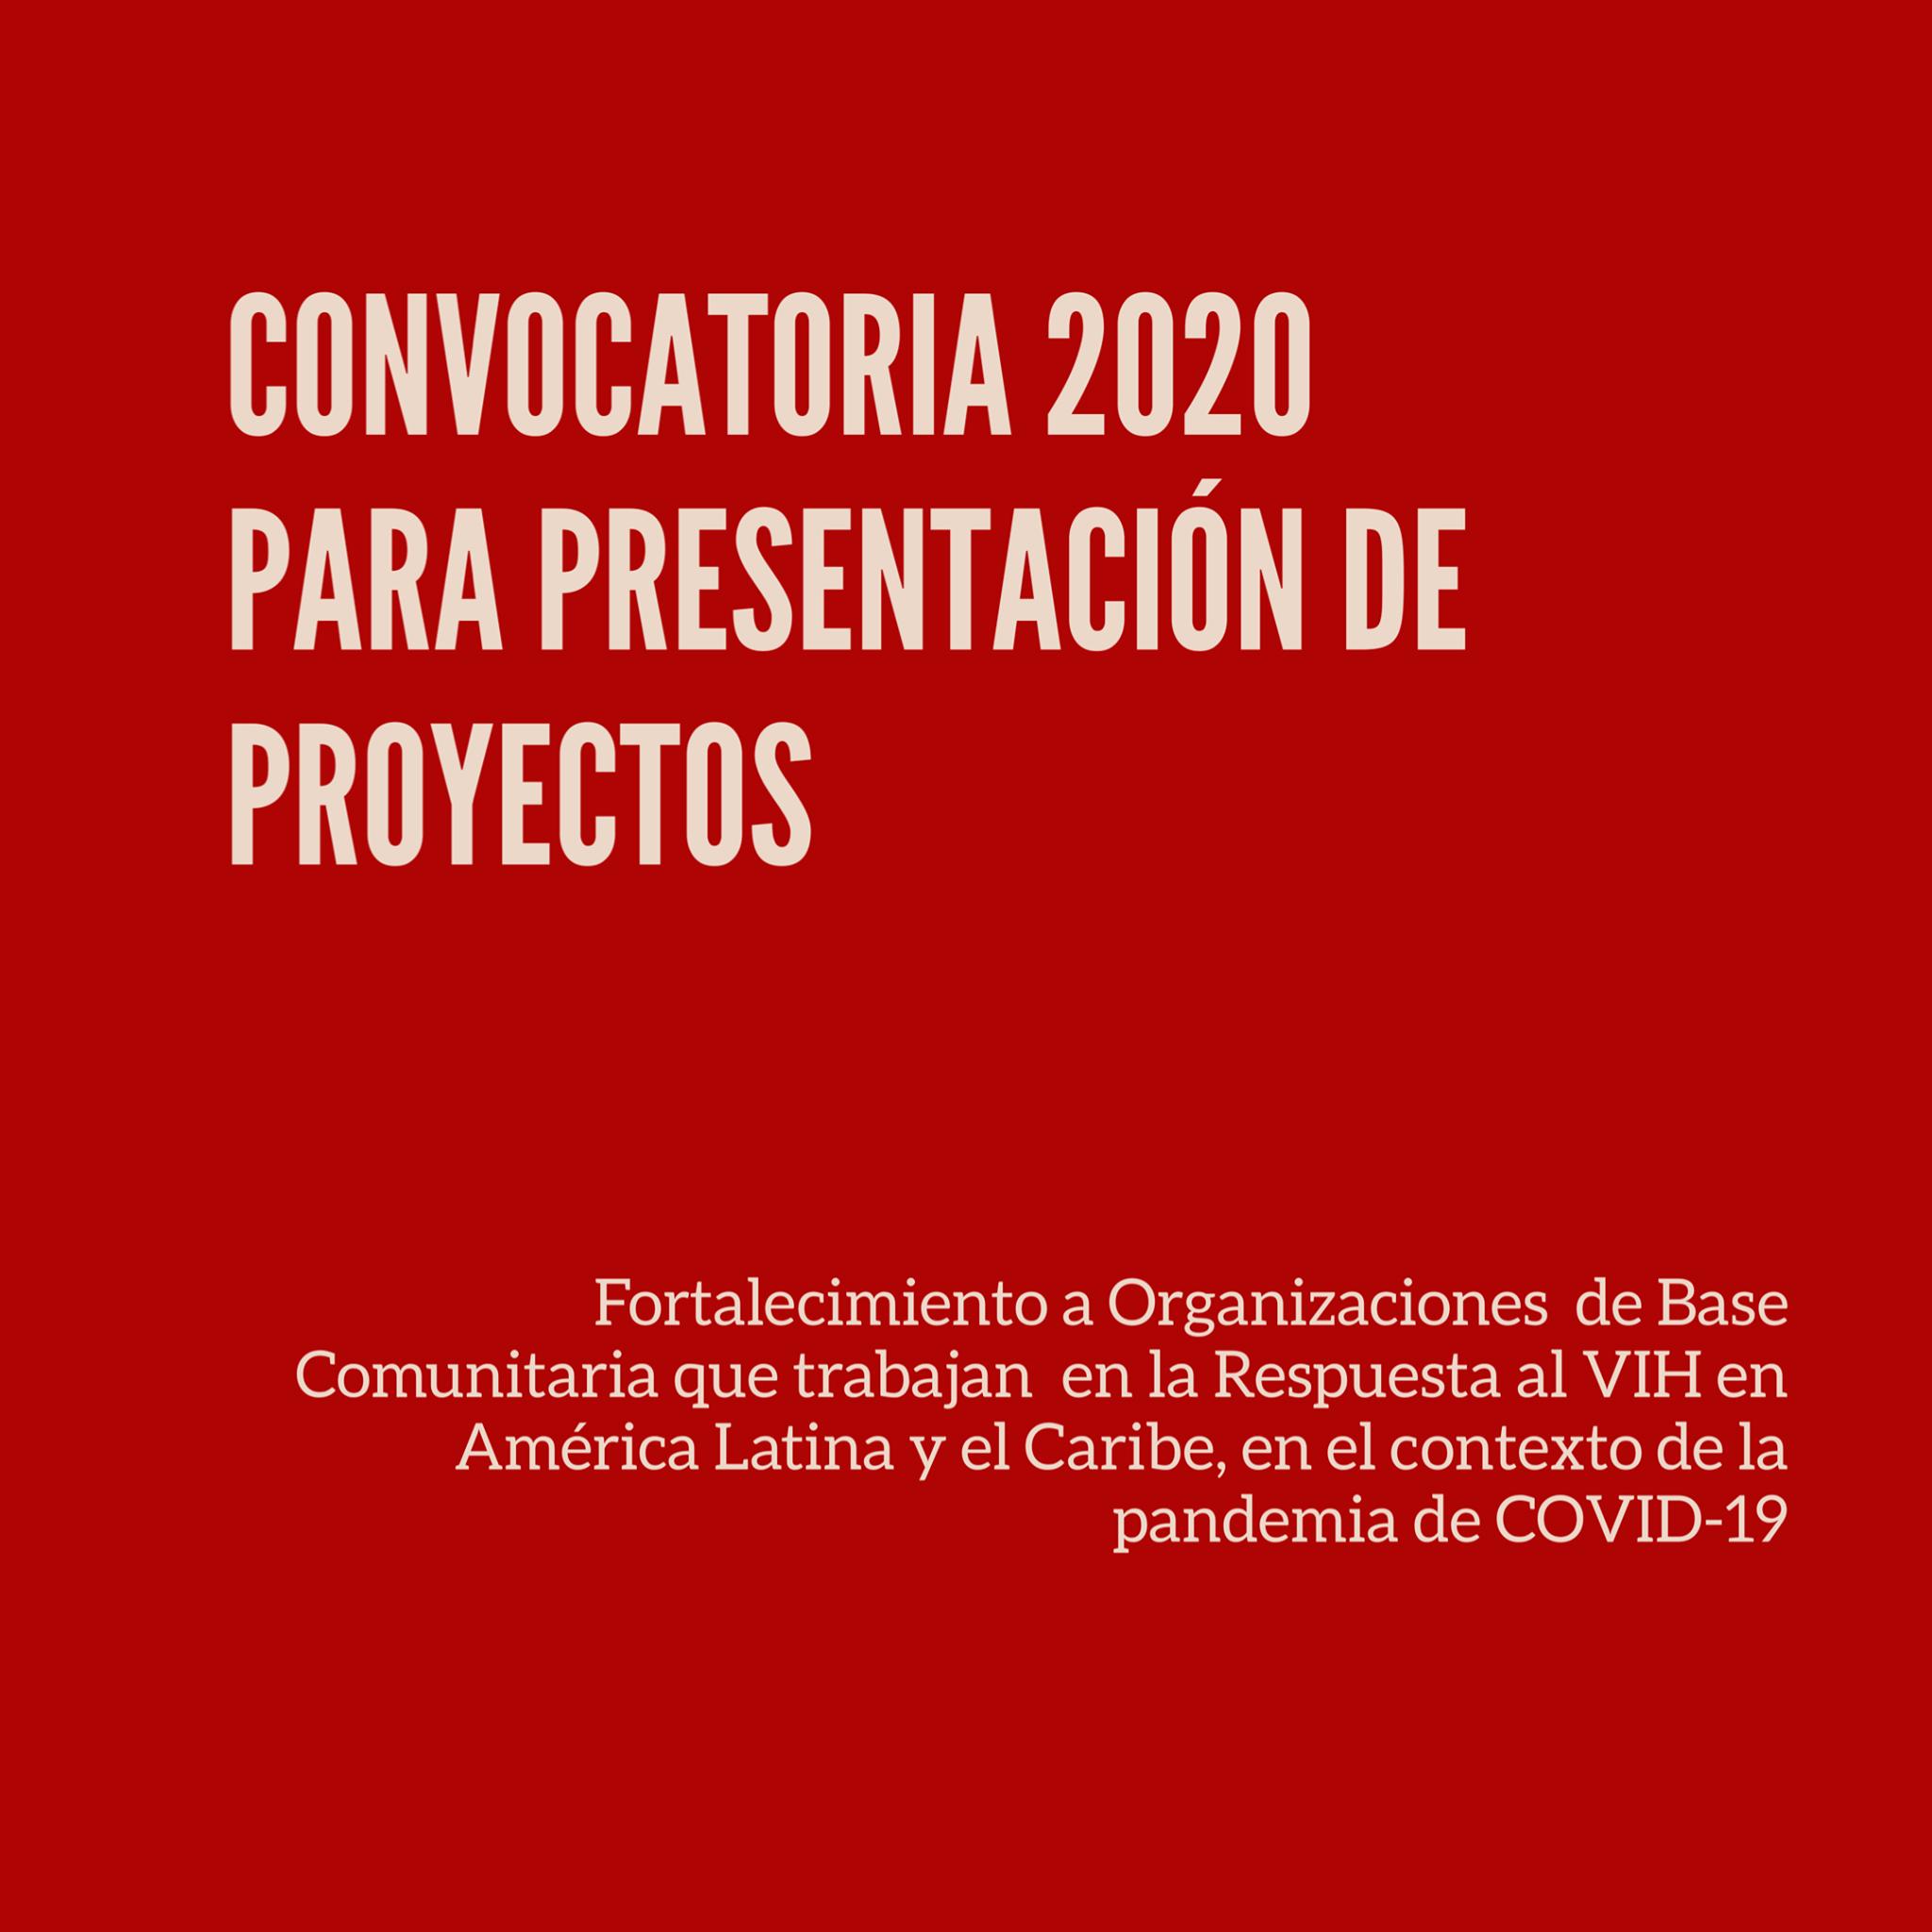 Convocatoria ONUSIDA 2020 para Presentación de Proyectos